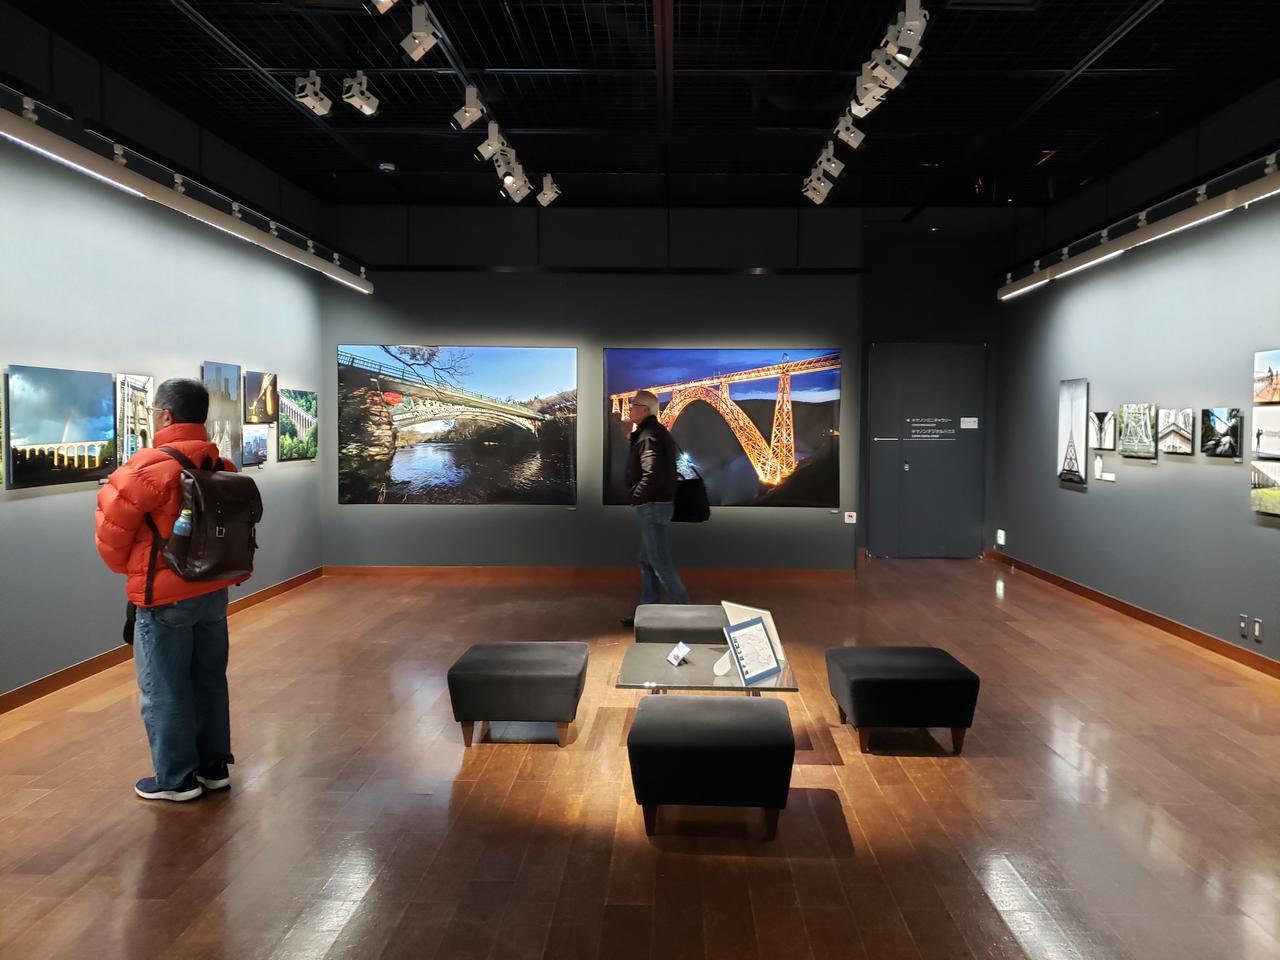 画像: 会場風景。会場には、近藤さんが約5年をかけて、フランスとイギリスを旅し撮影した美しい橋の作品が展示されています。